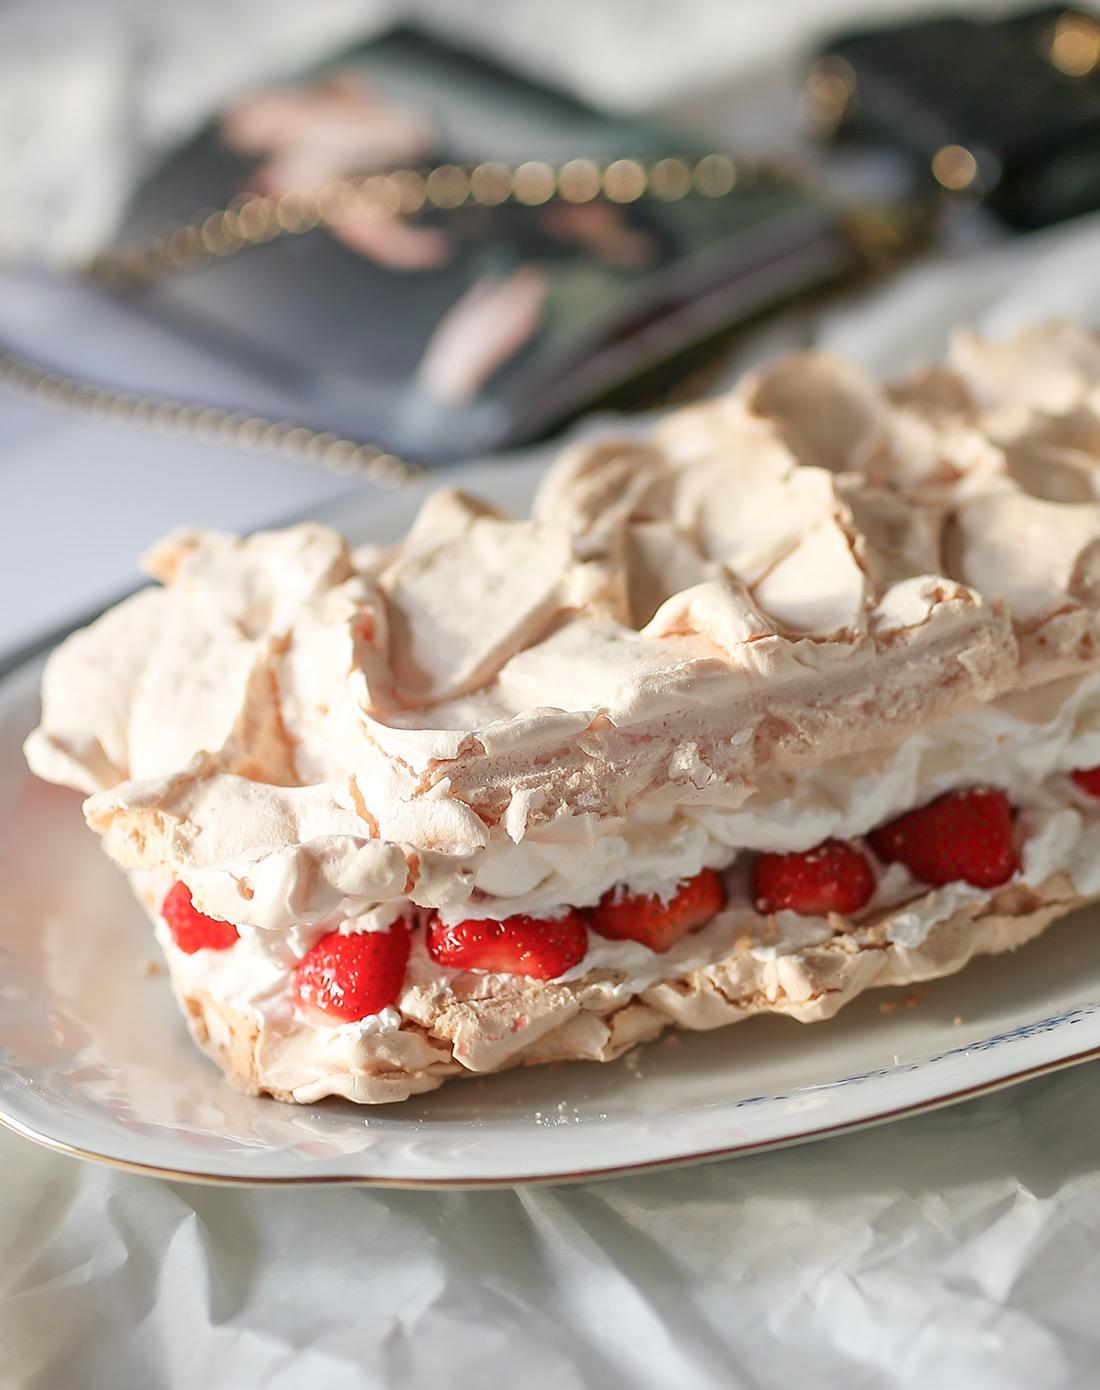 jako jednostavan recept torta pavlova kako napraviti